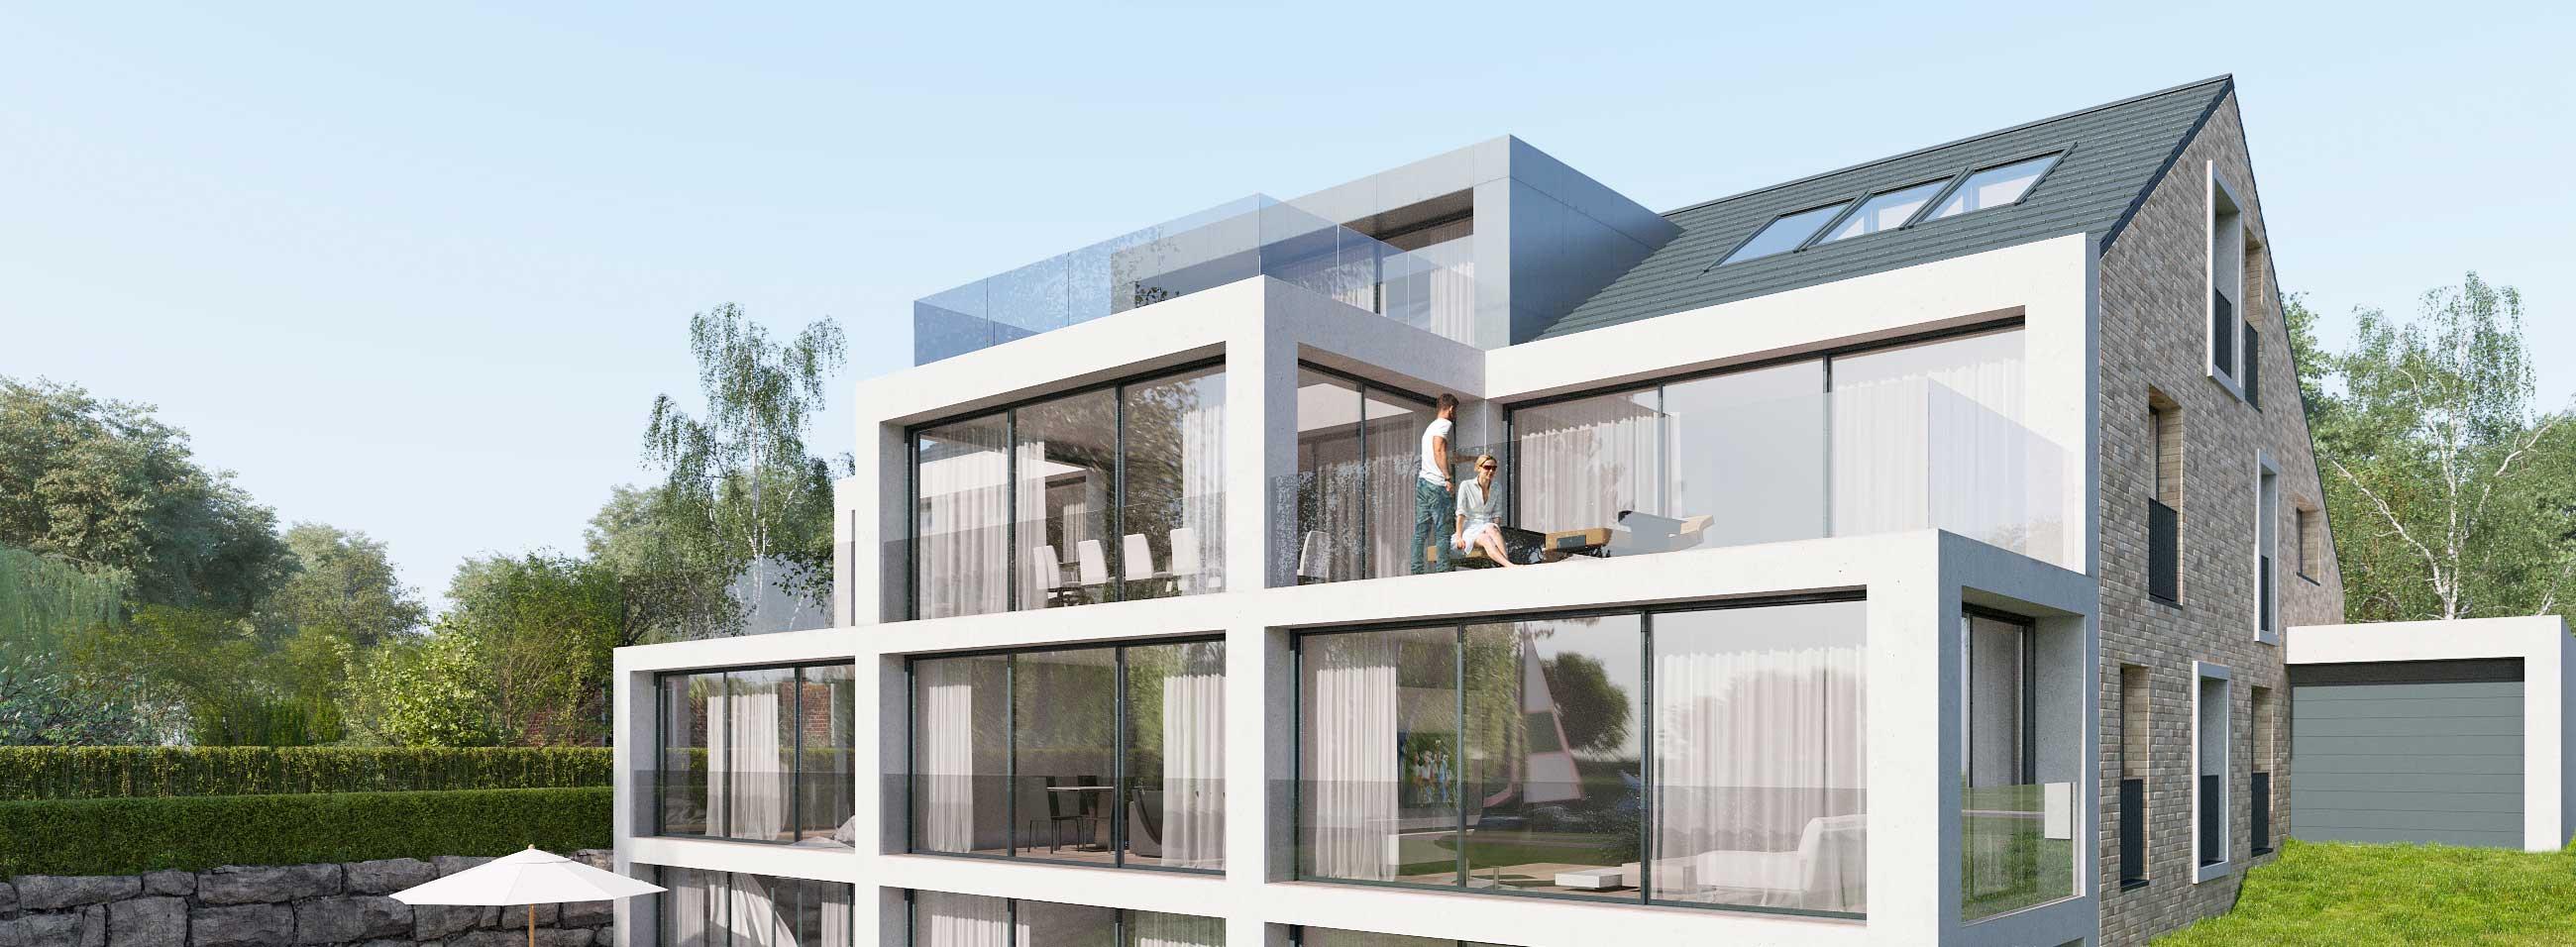 Haus Kaufen Münster  Immobilien Makler Münster Haus kaufen wohnun kaufen